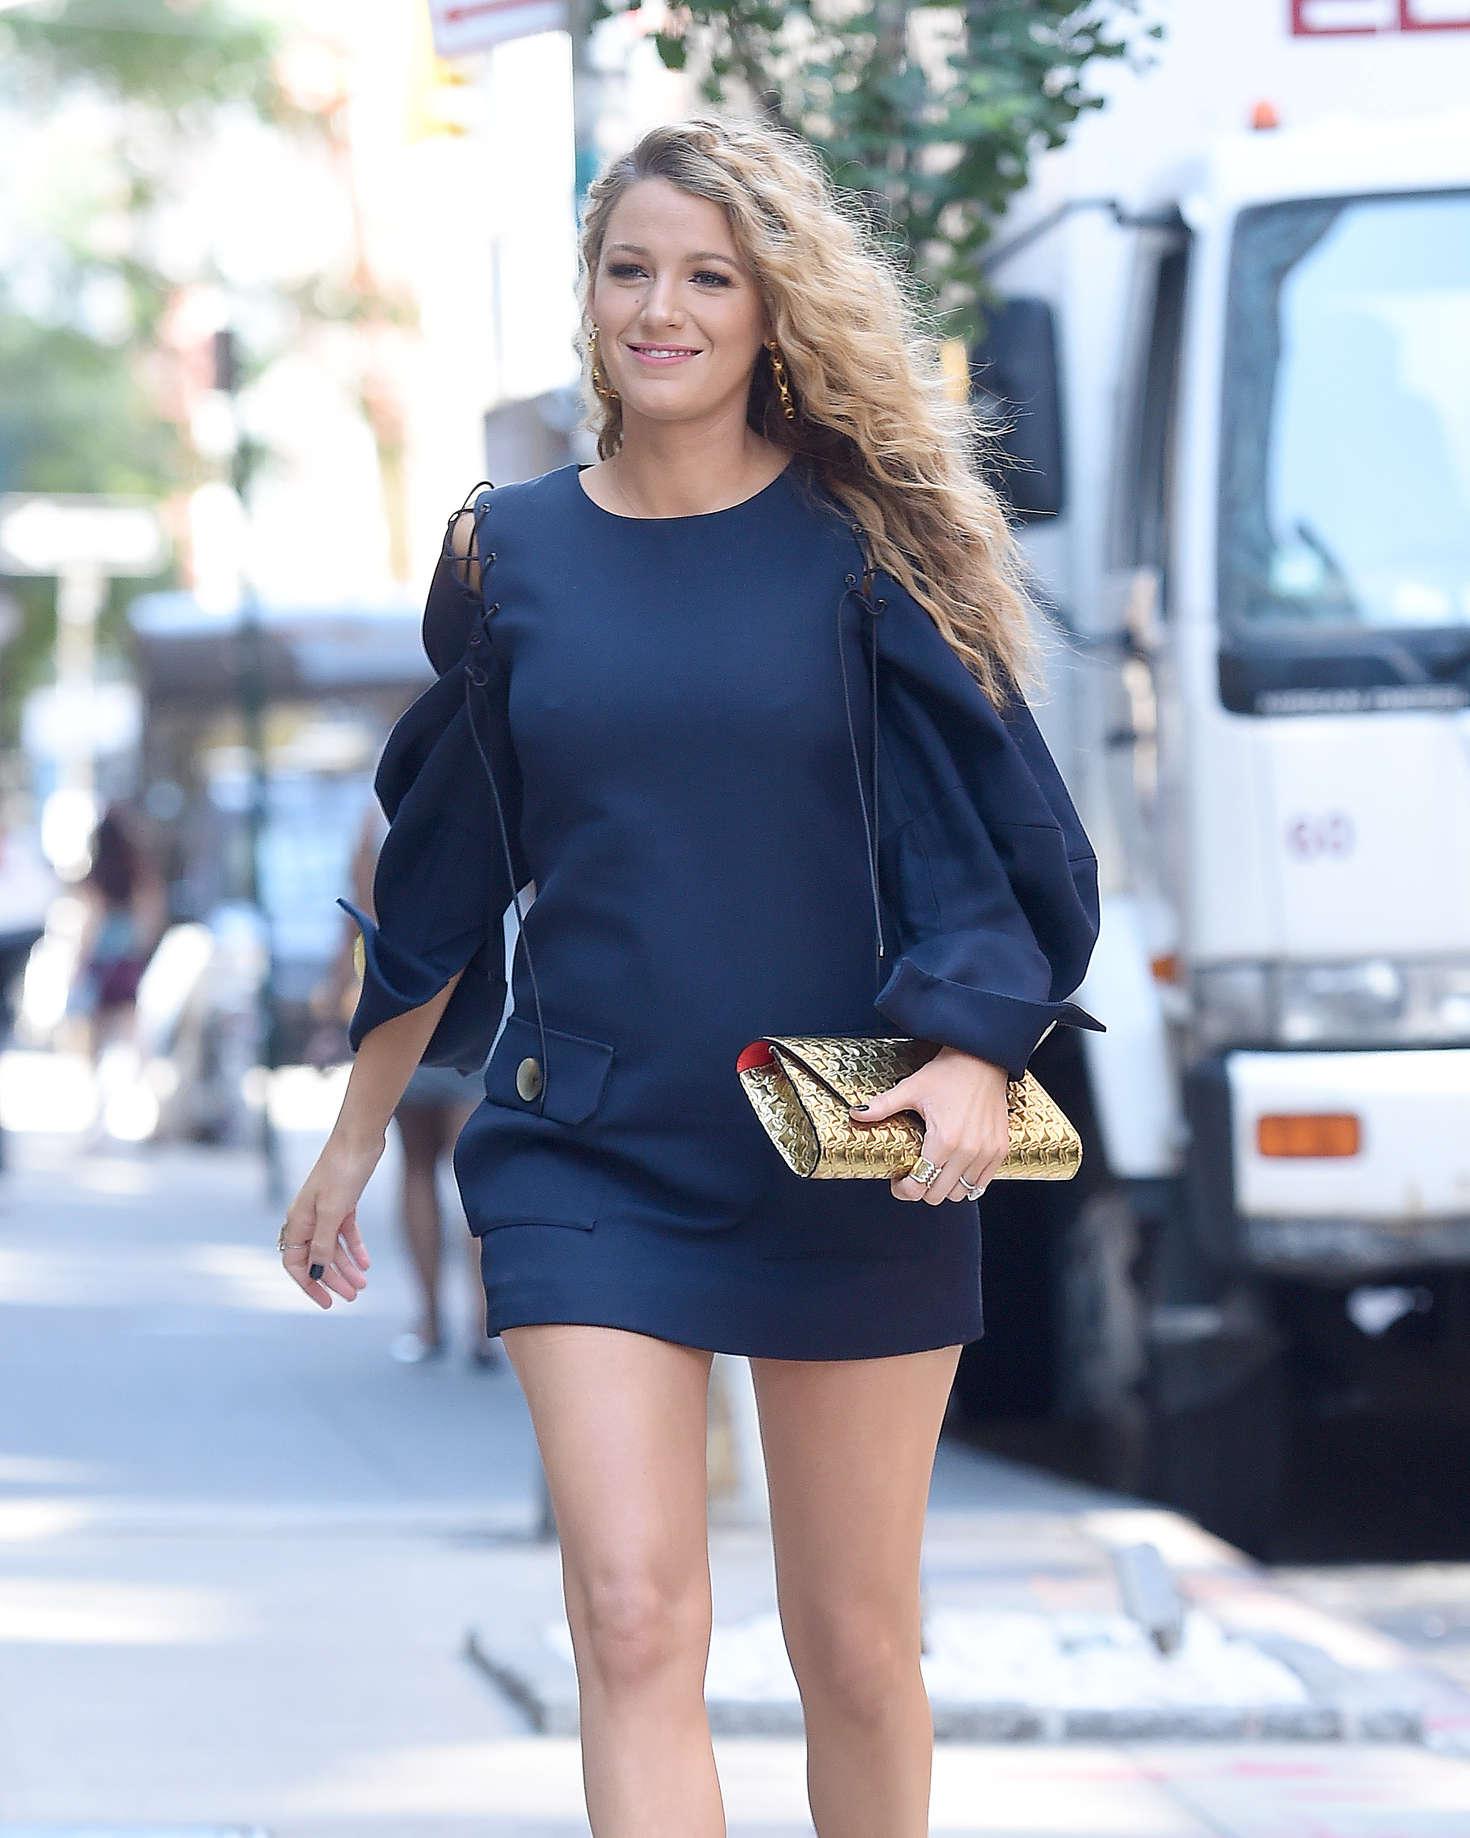 Blake Lively 2016 : Blake Lively in Short Blue Dress -11